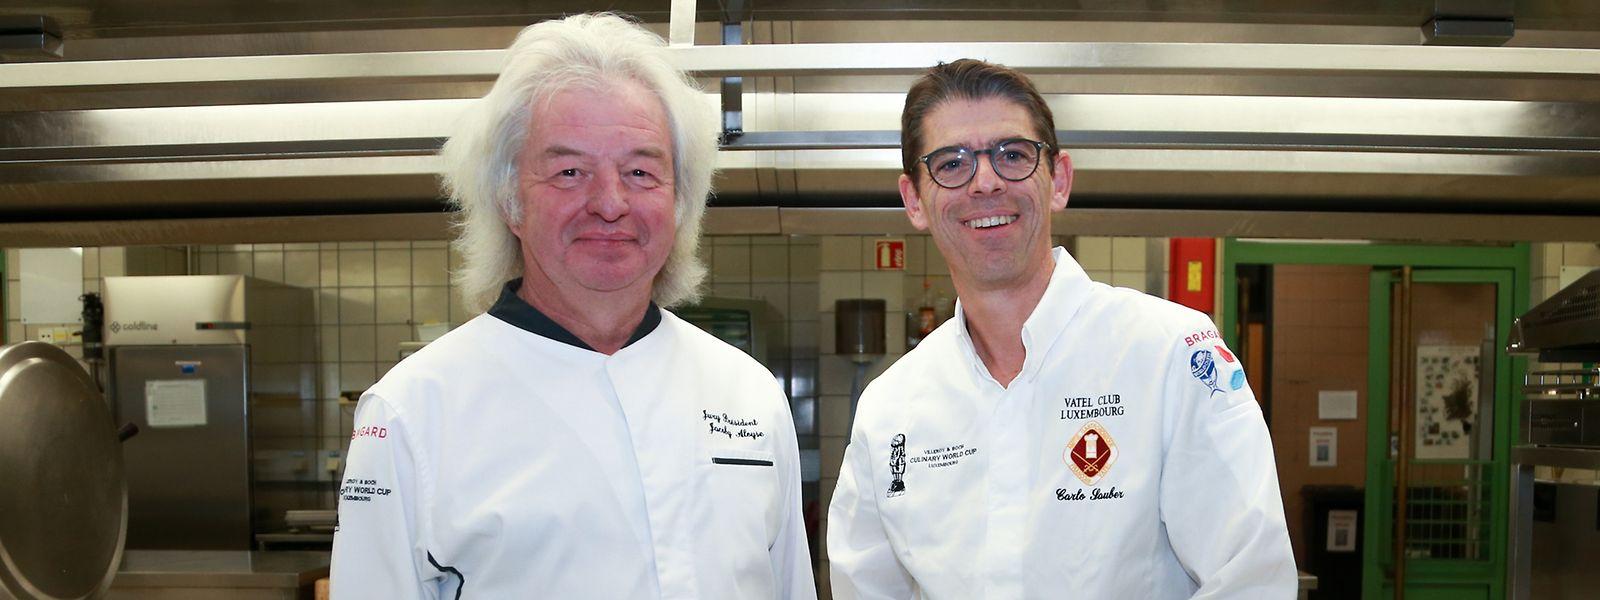 Mit Aloyse Jacoby (l.) und Carlo Sauber steht ein erfahrenes Duo an der Spitze der internationalen A-Klasse-Jury.